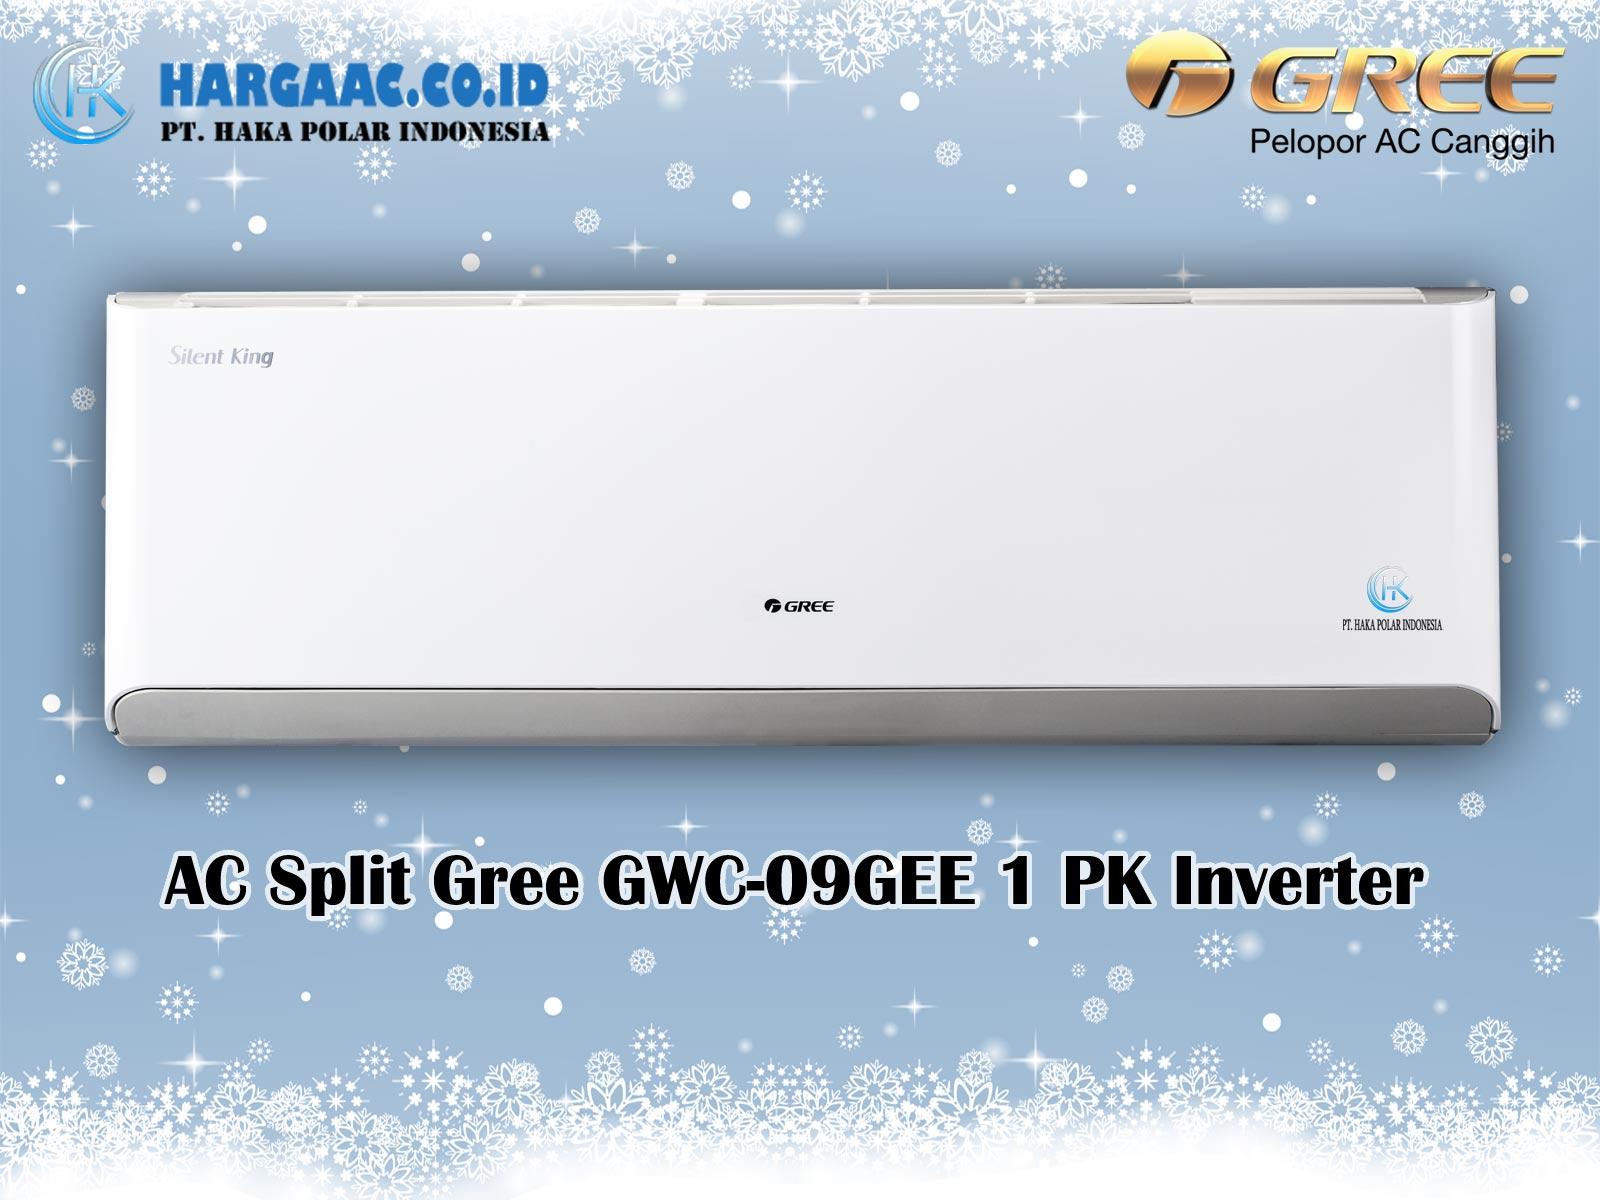 Harga Jual AC Split Gree GWC-09GEE 1 PK Inverter Silent King